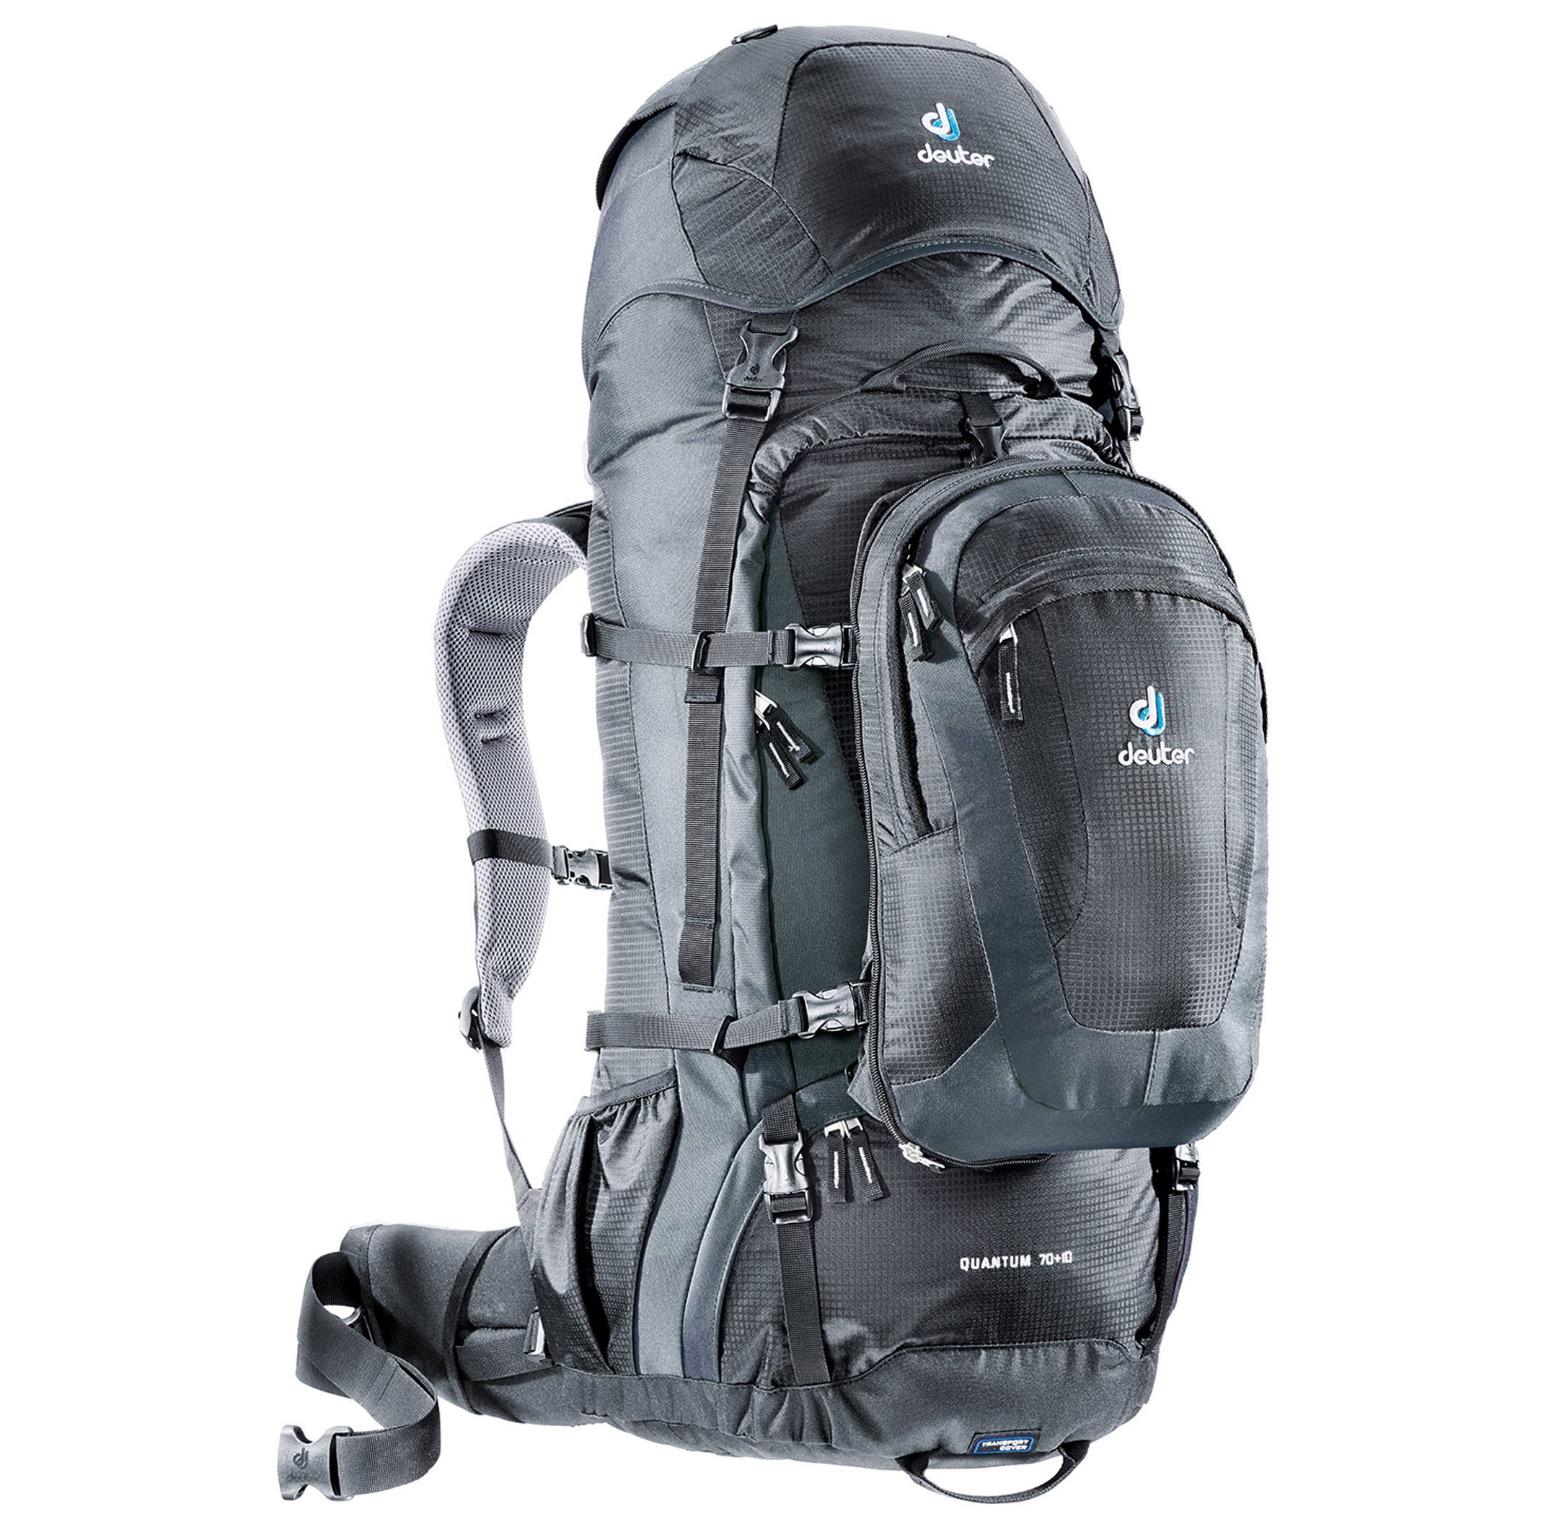 DEUTER Reiserucksack Quantum 70+10 inkl. 18L Daypack für nur 139,93 Euro (statt 197,- Euro)